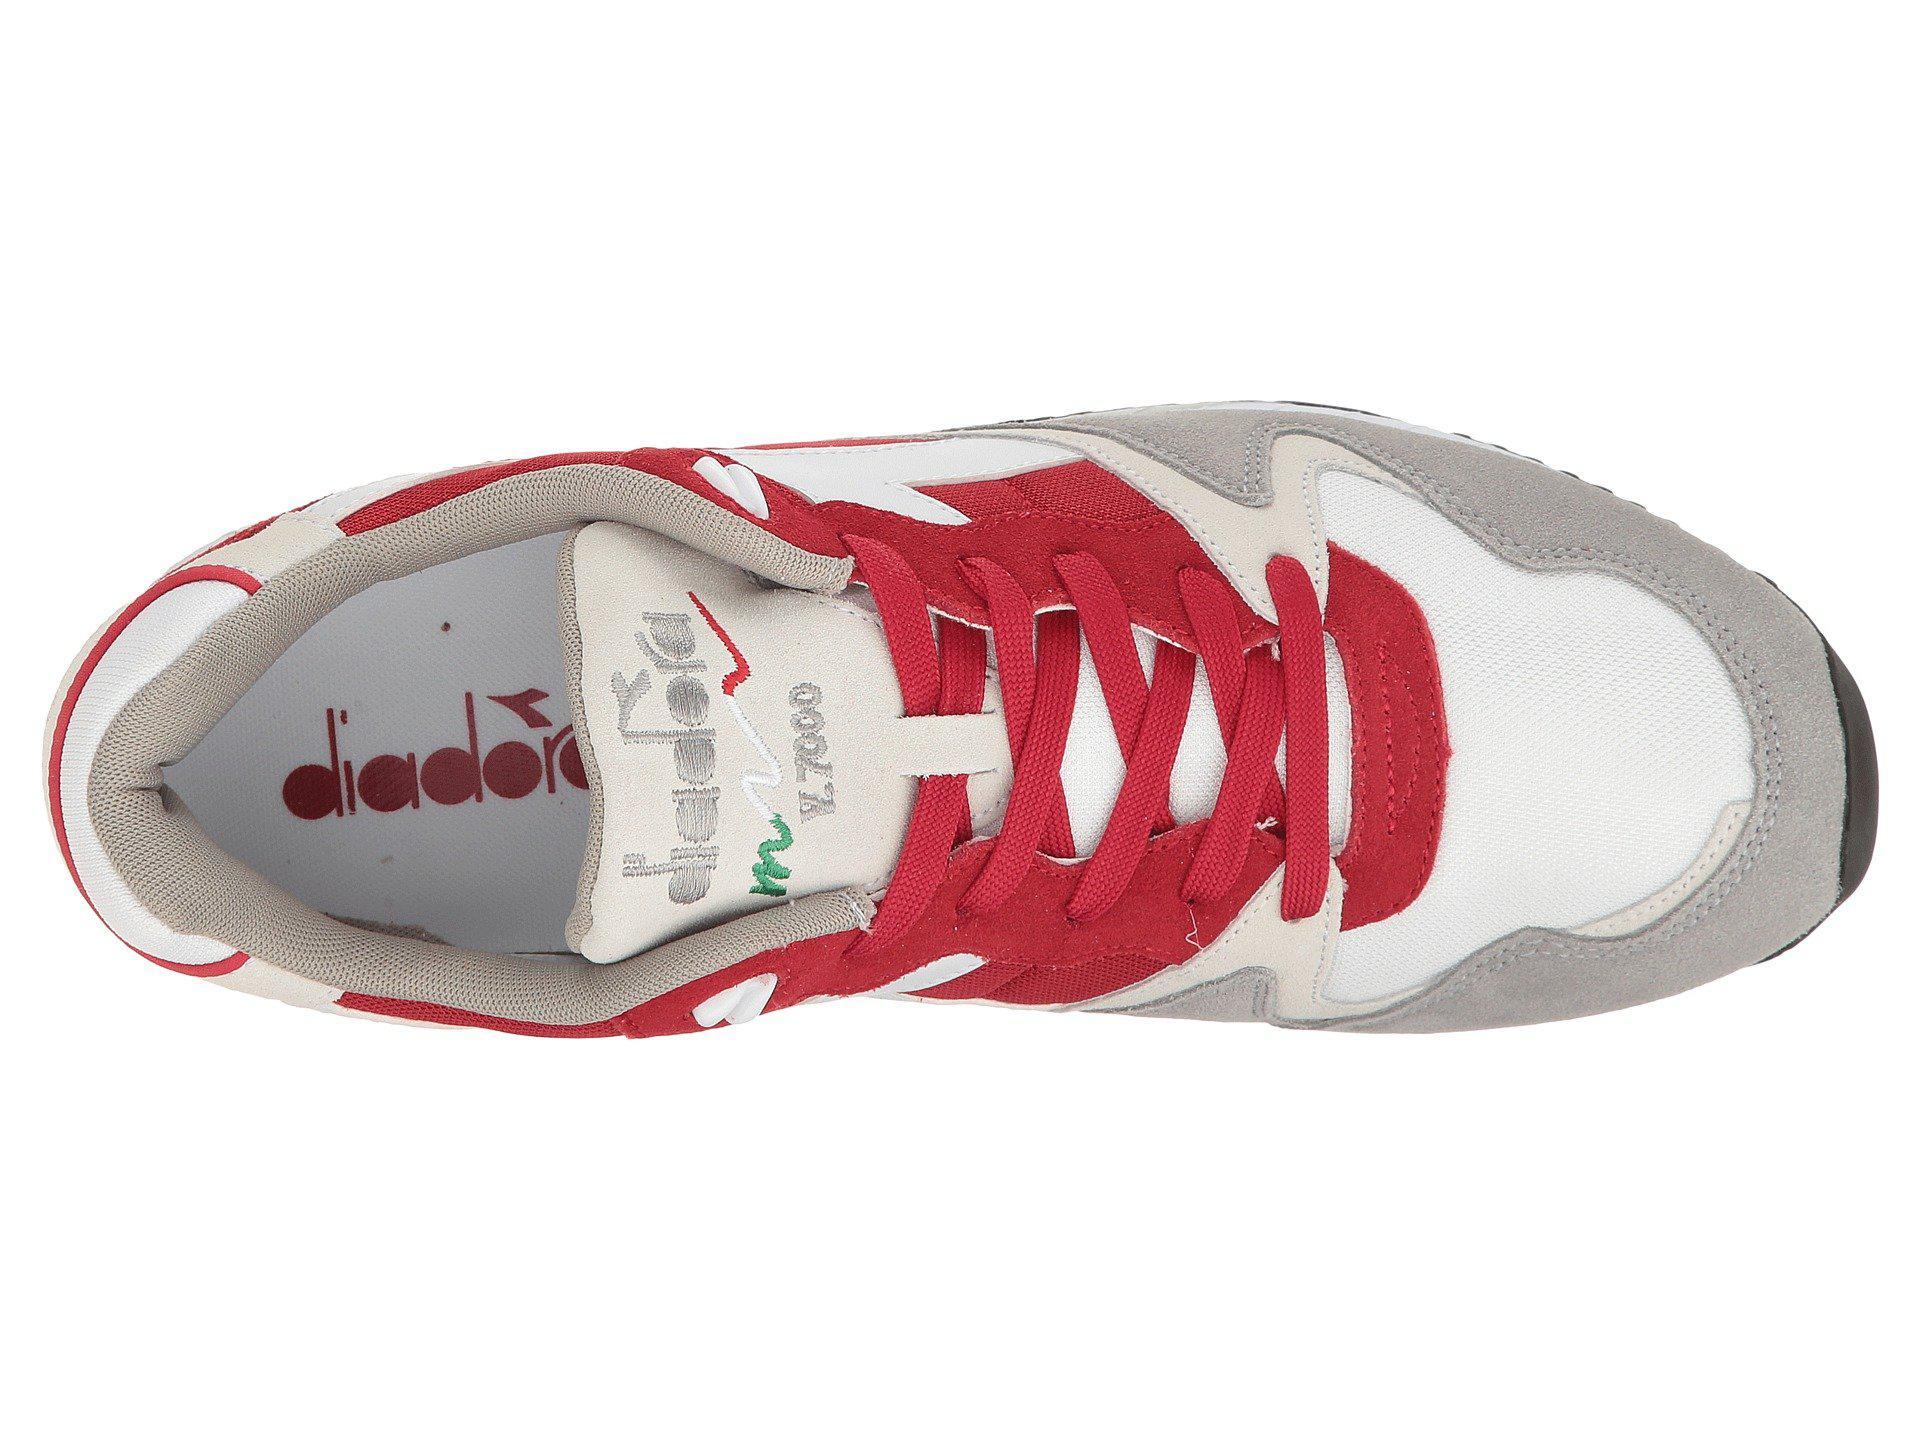 3c7cab834a Diadora - Red V7000 Nyl Ii - Lyst. View fullscreen